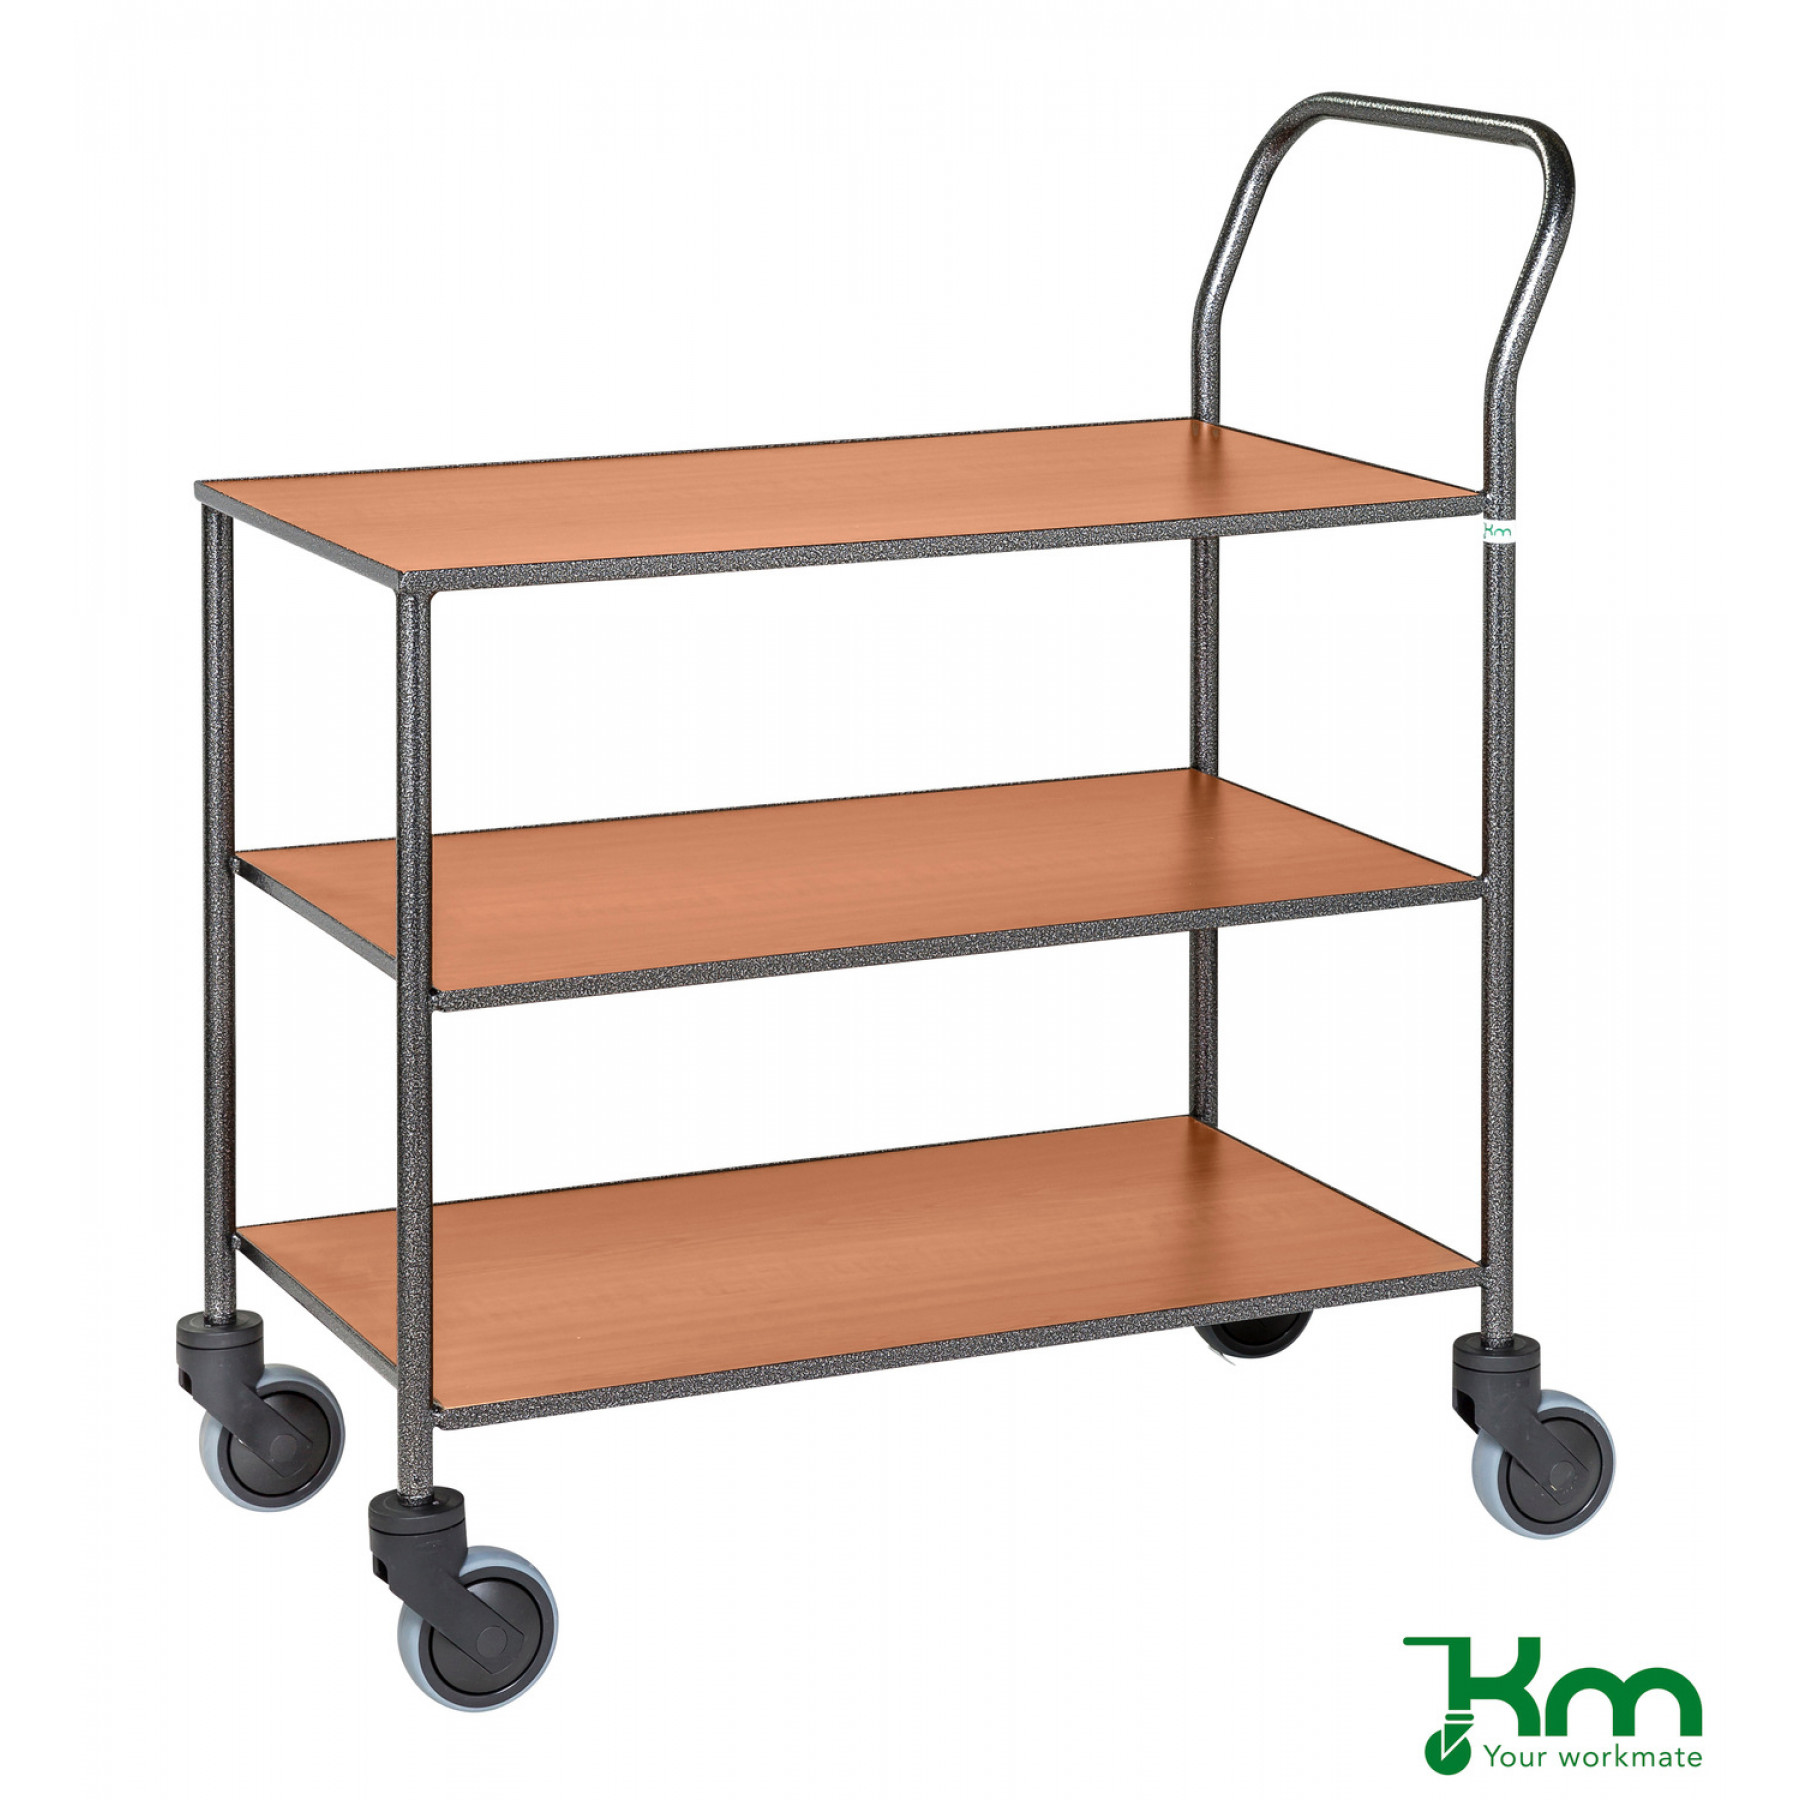 Design tafelwagen met kersenstructuur toplaag, KM 973-KO